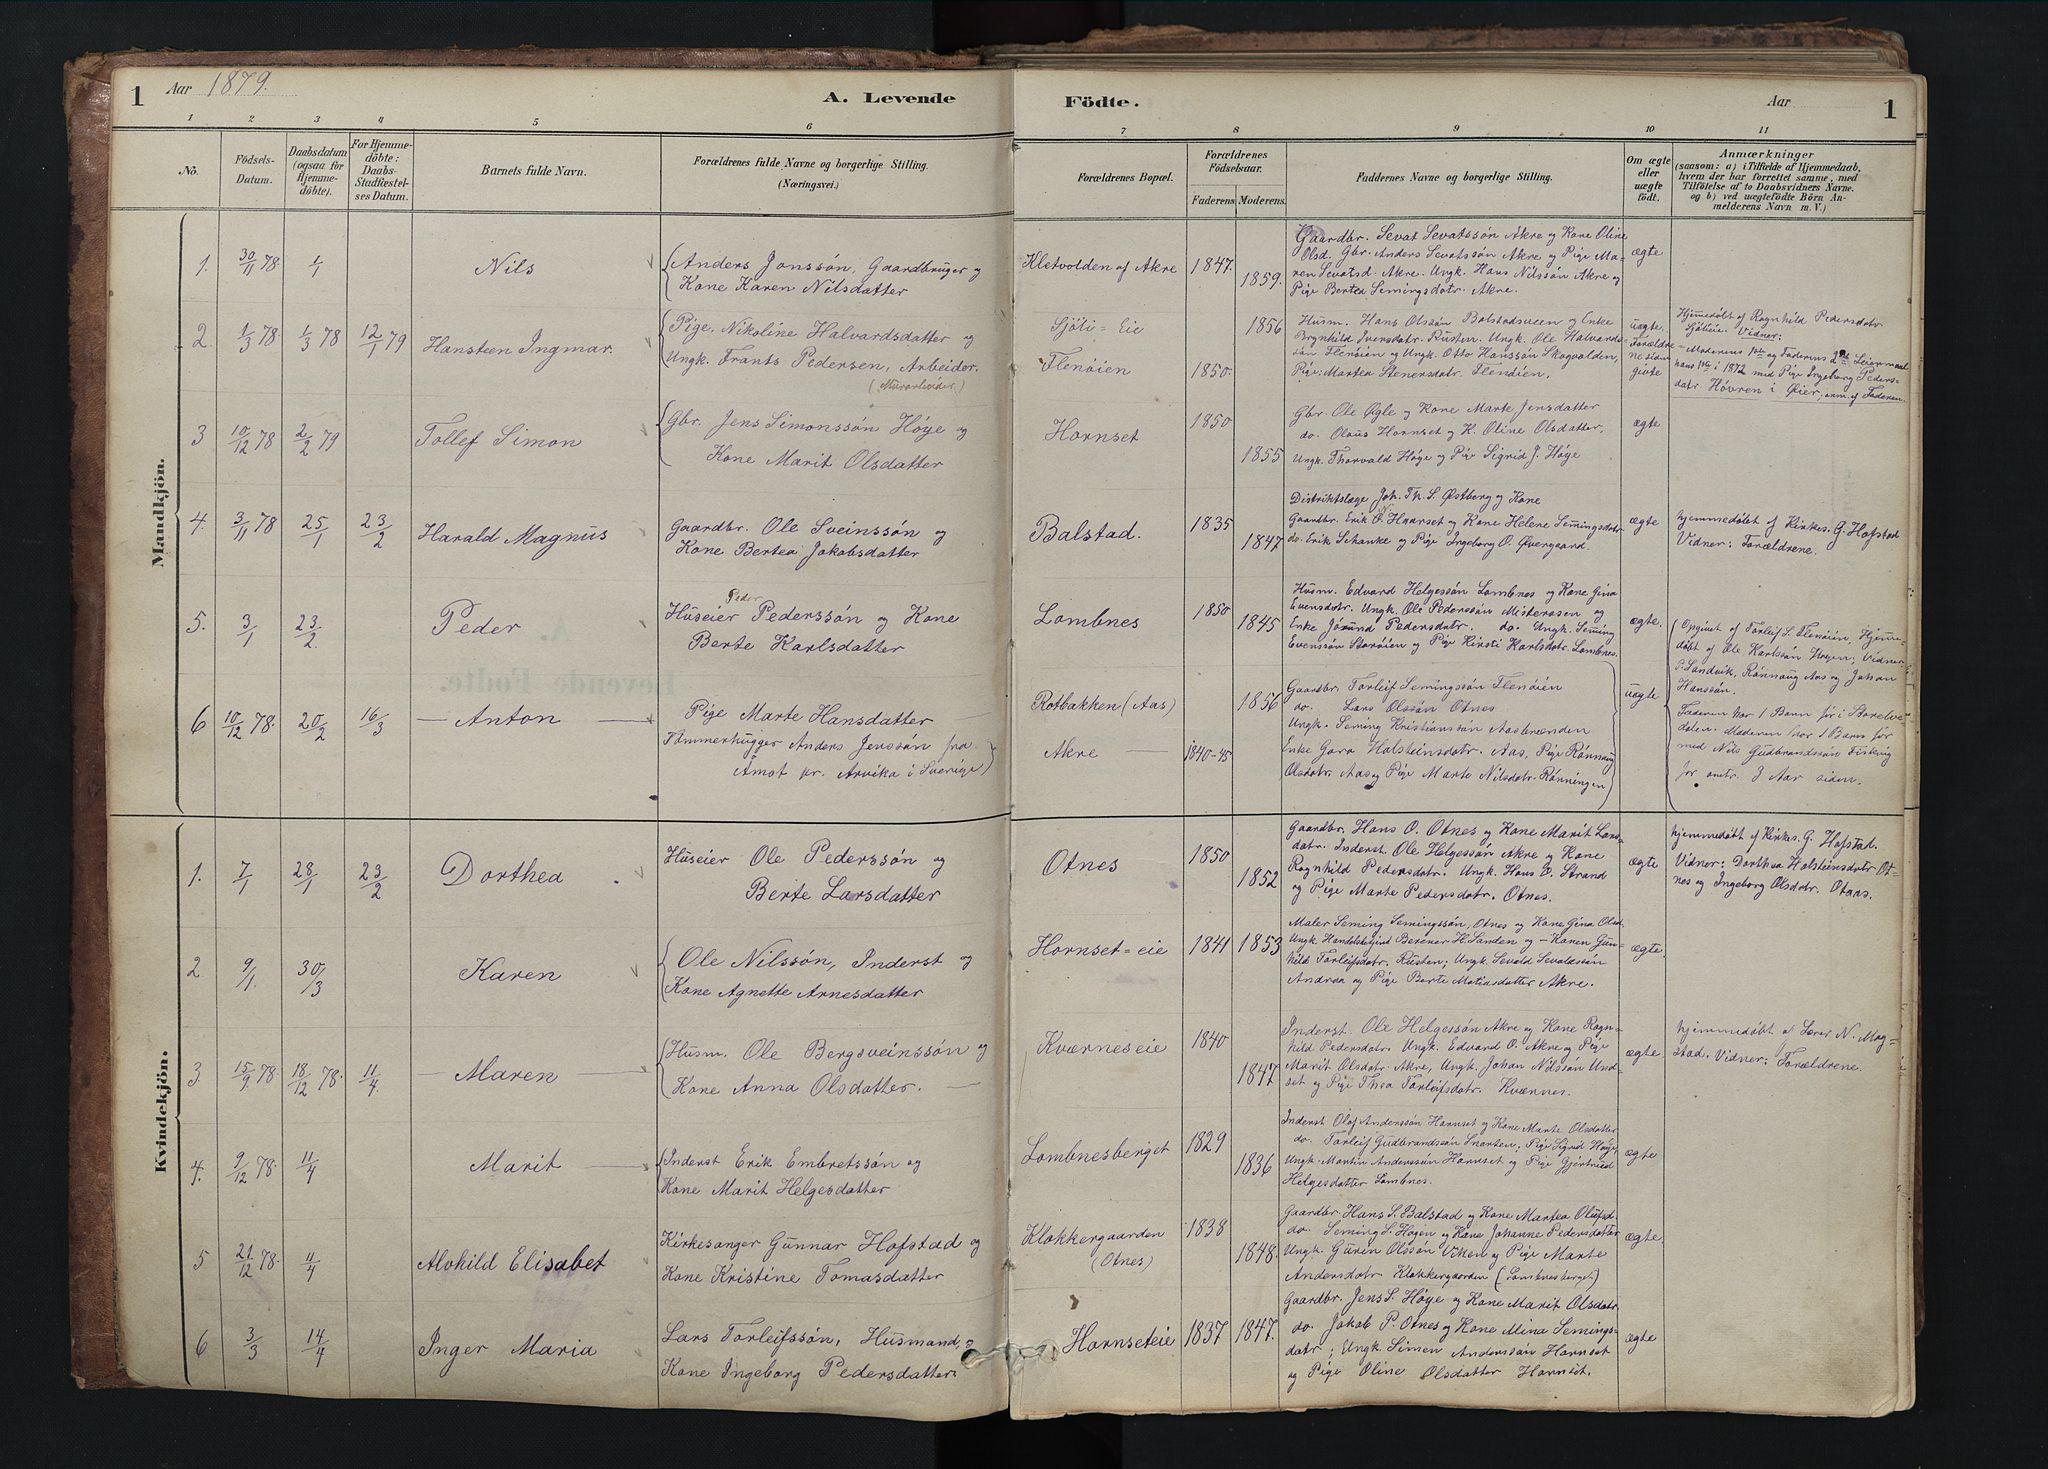 SAH, Rendalen prestekontor, H/Ha/Hab/L0009: Klokkerbok nr. 9, 1879-1902, s. 1